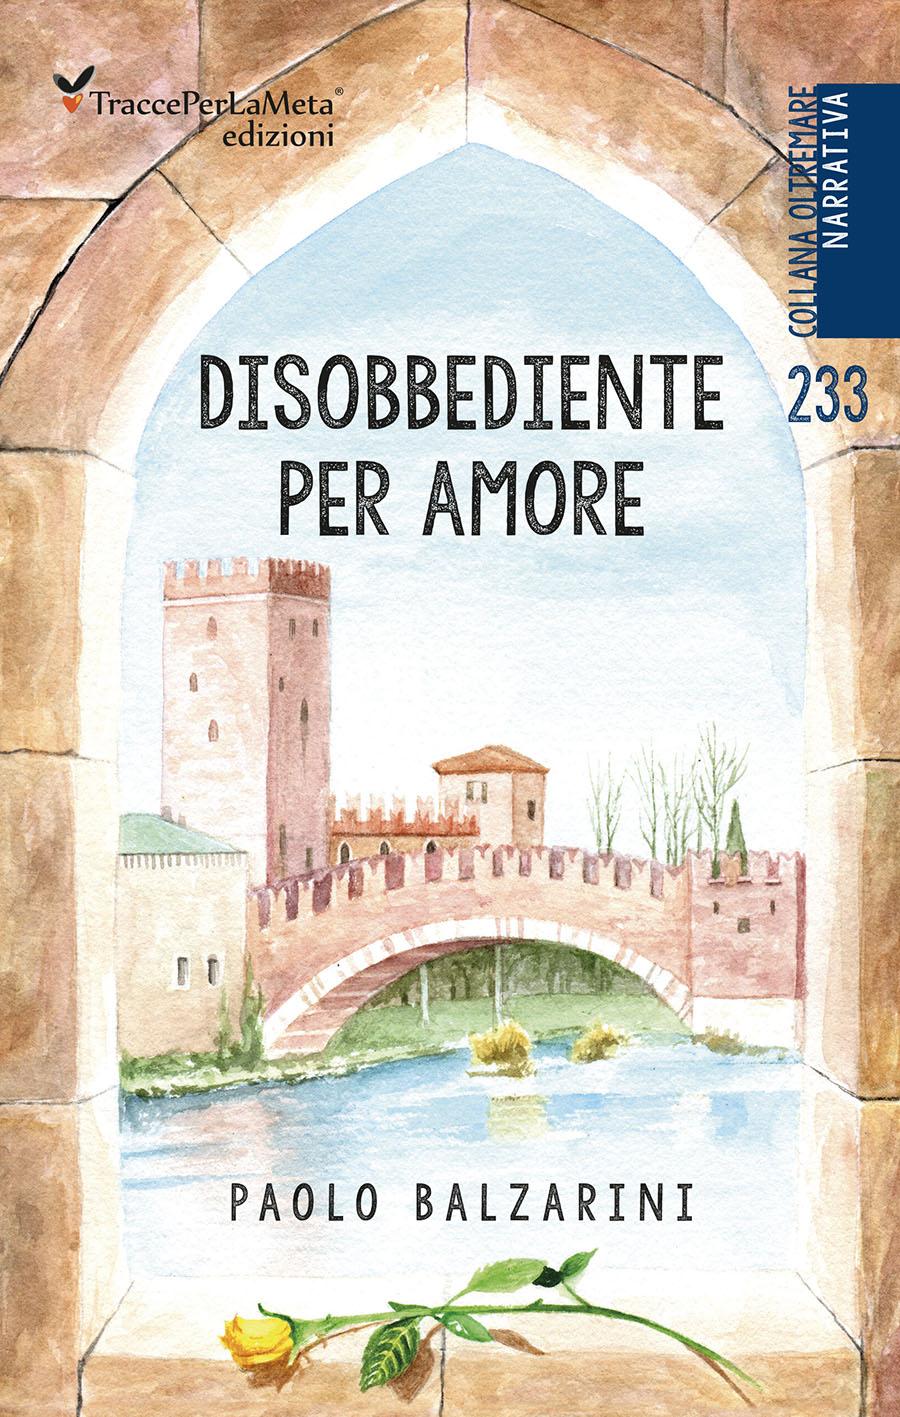 """Un vivace intreccio di vicende; esce """"Disobbediente per amore"""" di Paolo Balzarini"""